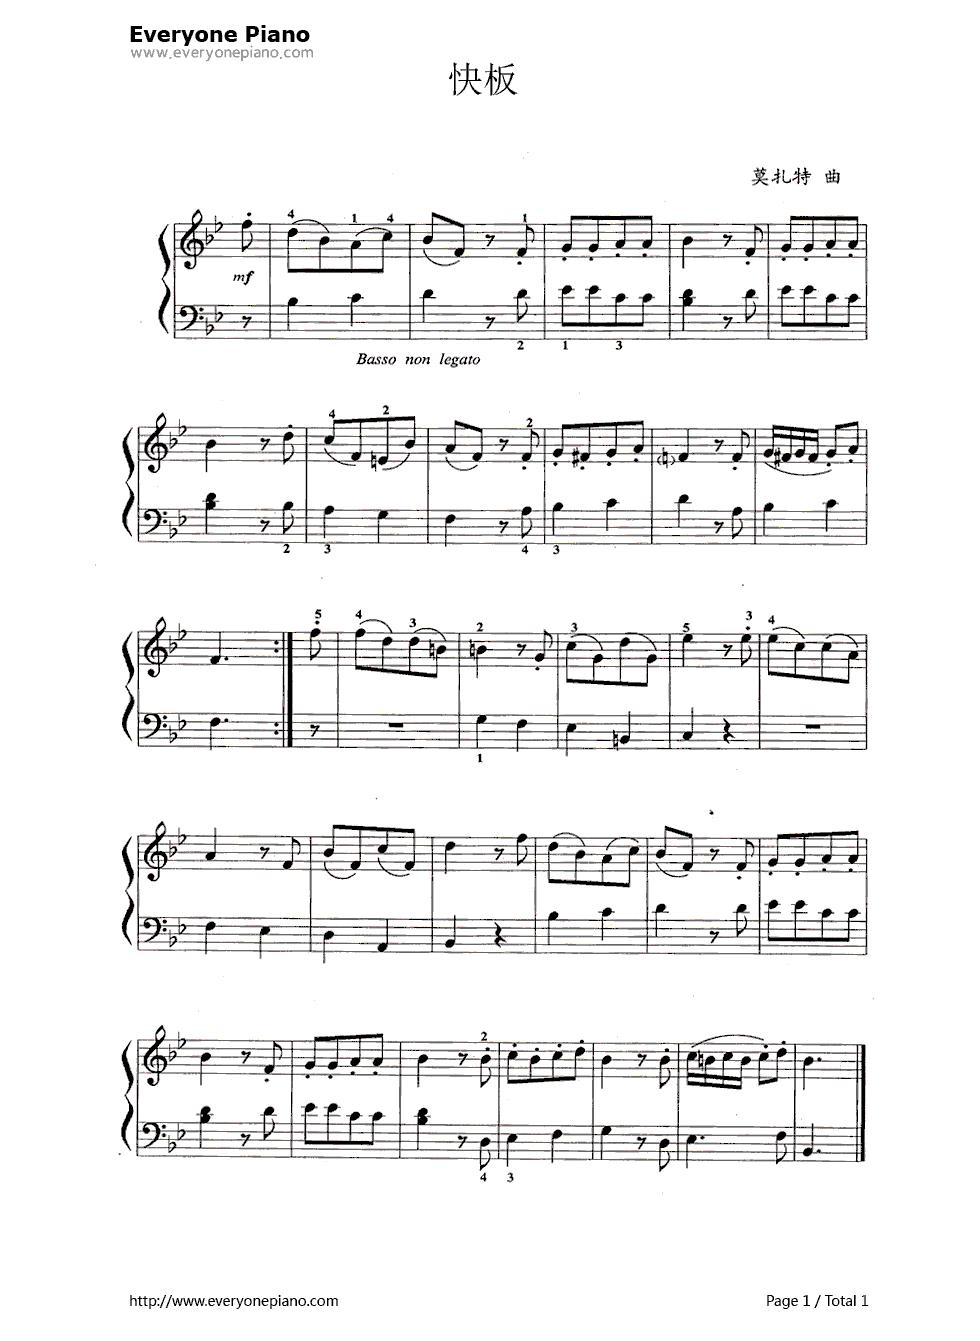 钢琴曲谱 练习曲 快板-allegro-莫扎特 快板-allegro-莫扎特五线谱